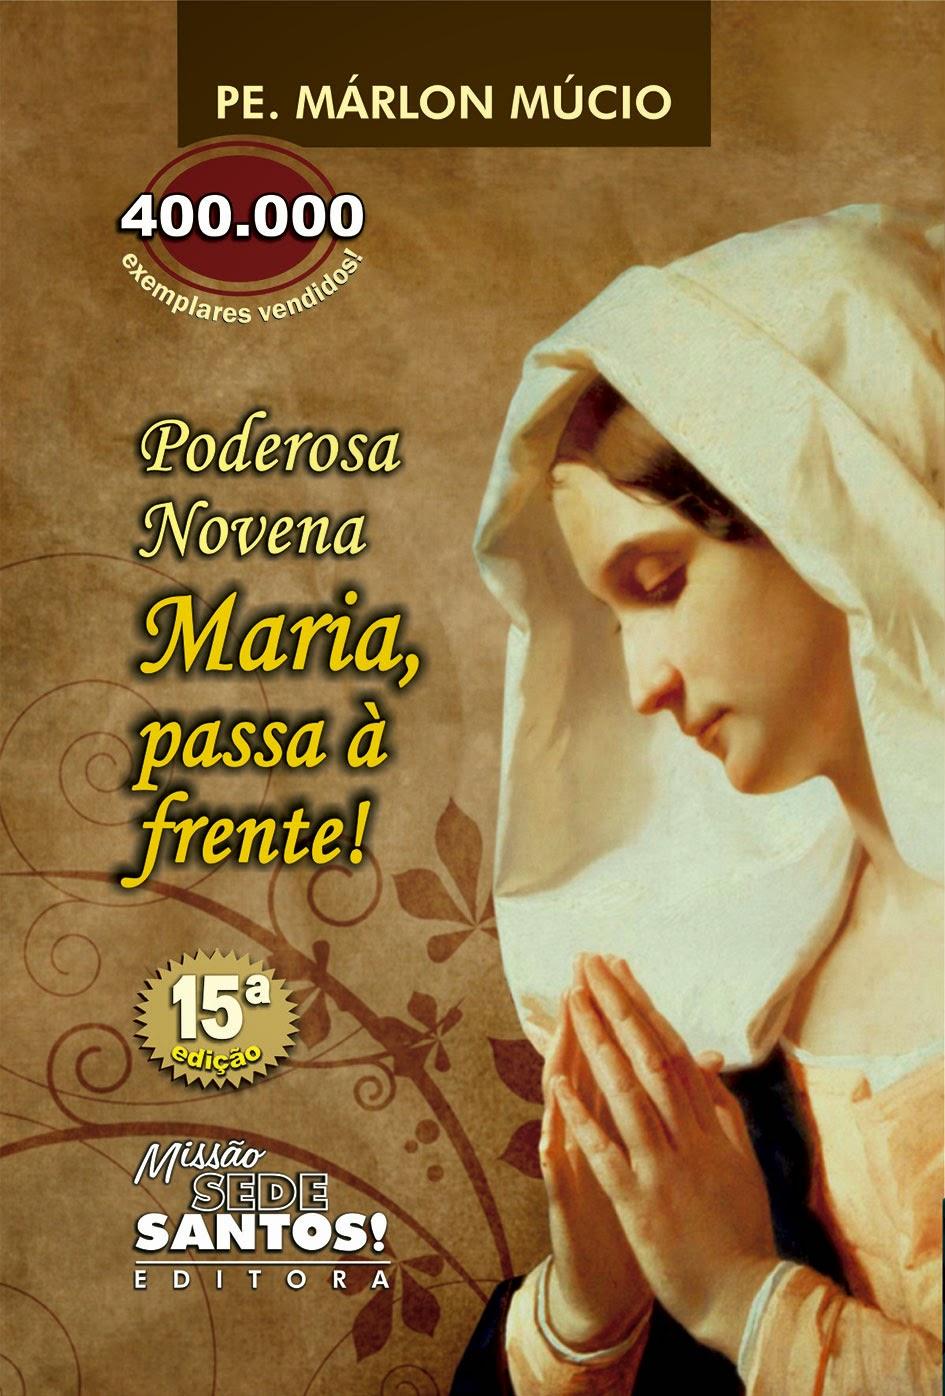 Excepcional Poderosa Novena Maria passa à Frente - Comunidade Adonay QF14